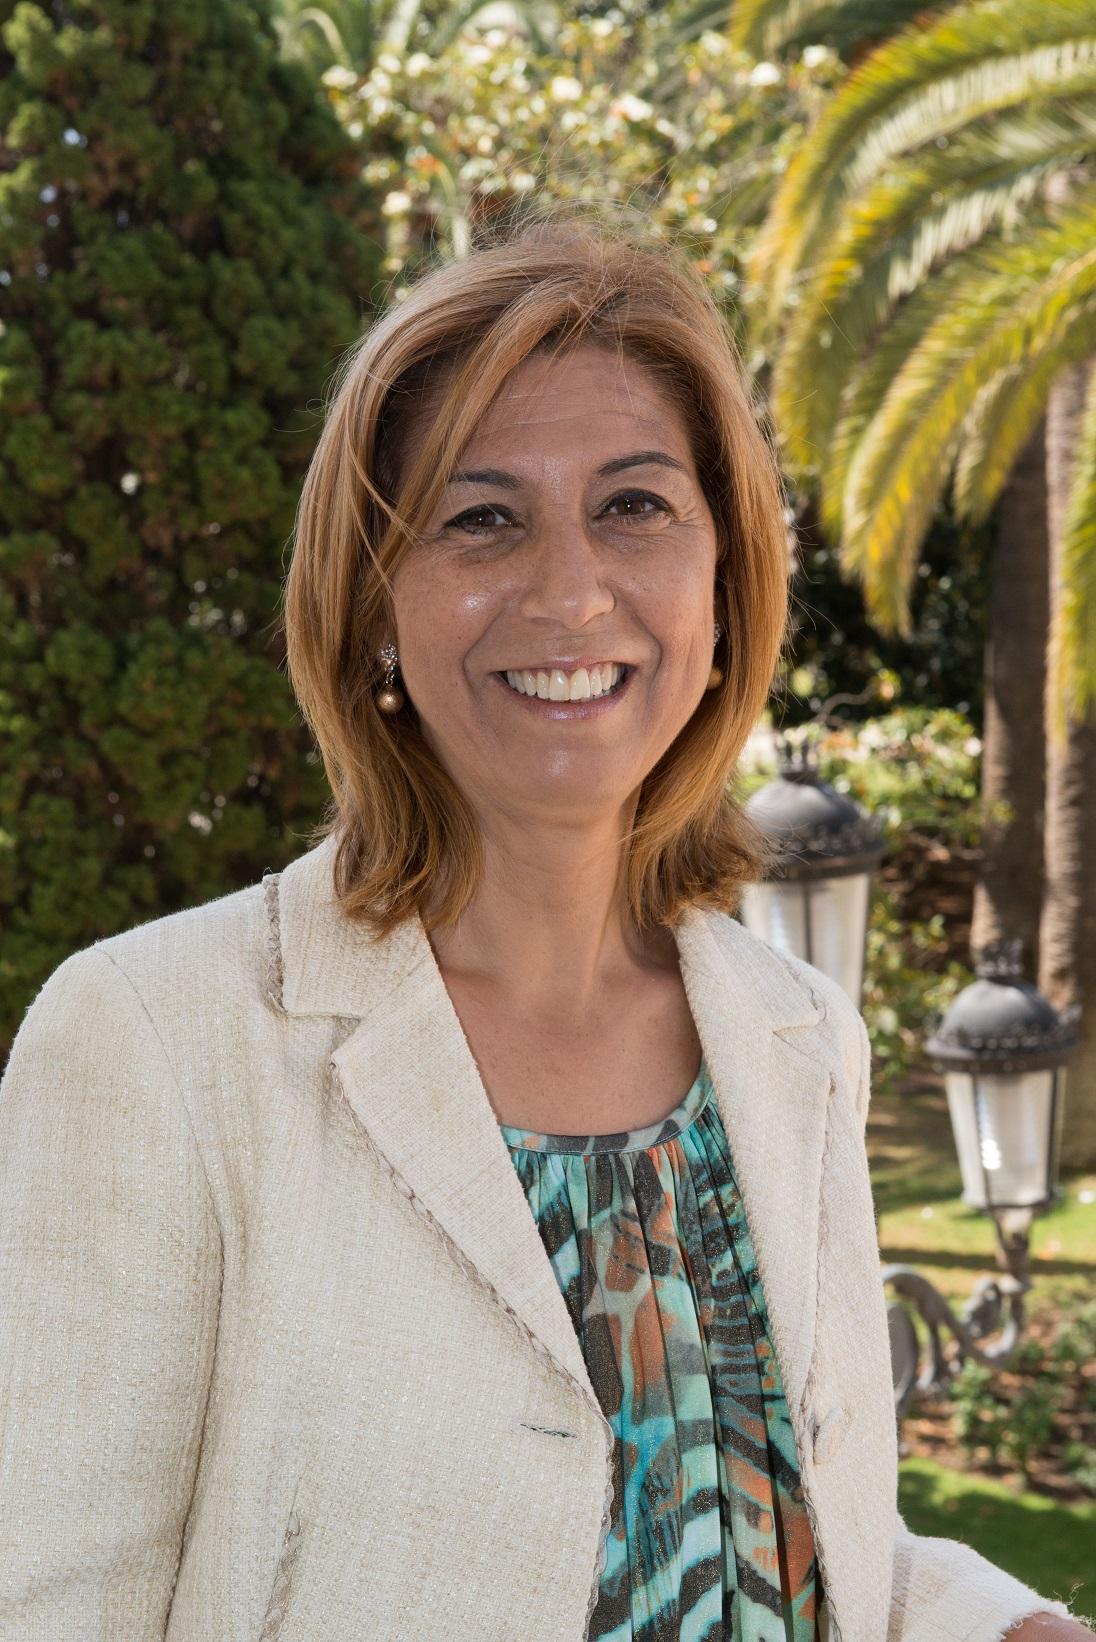 Ilma. Sra. Dña. María del Carmen Martín del Amor